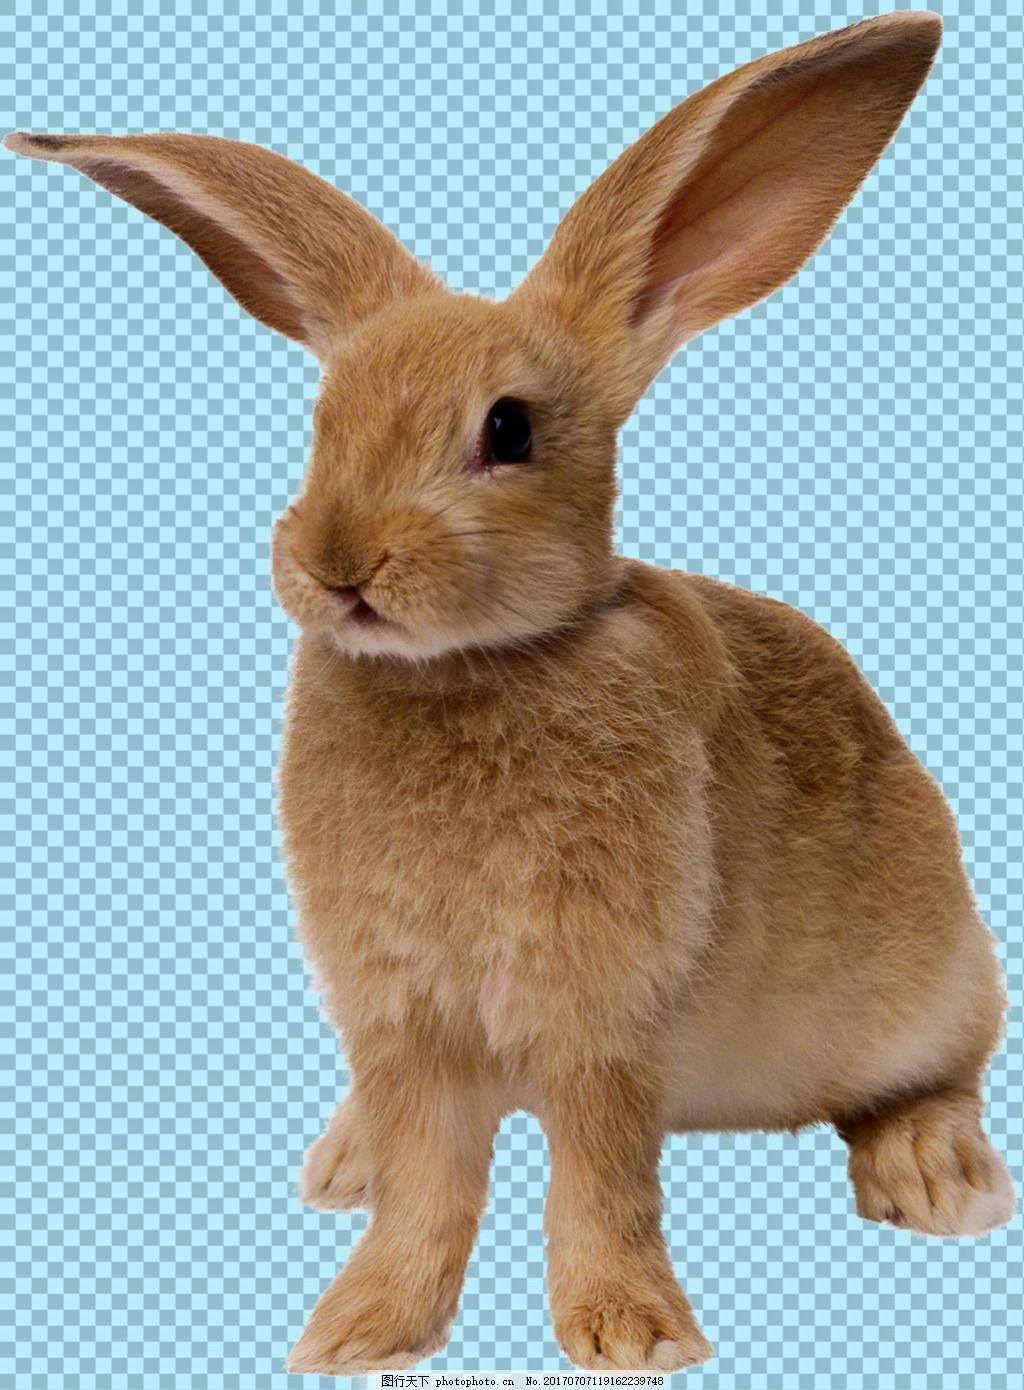 棕色毛发小兔子免抠png透明图层素材 家畜动物 可爱动物图片 家禽